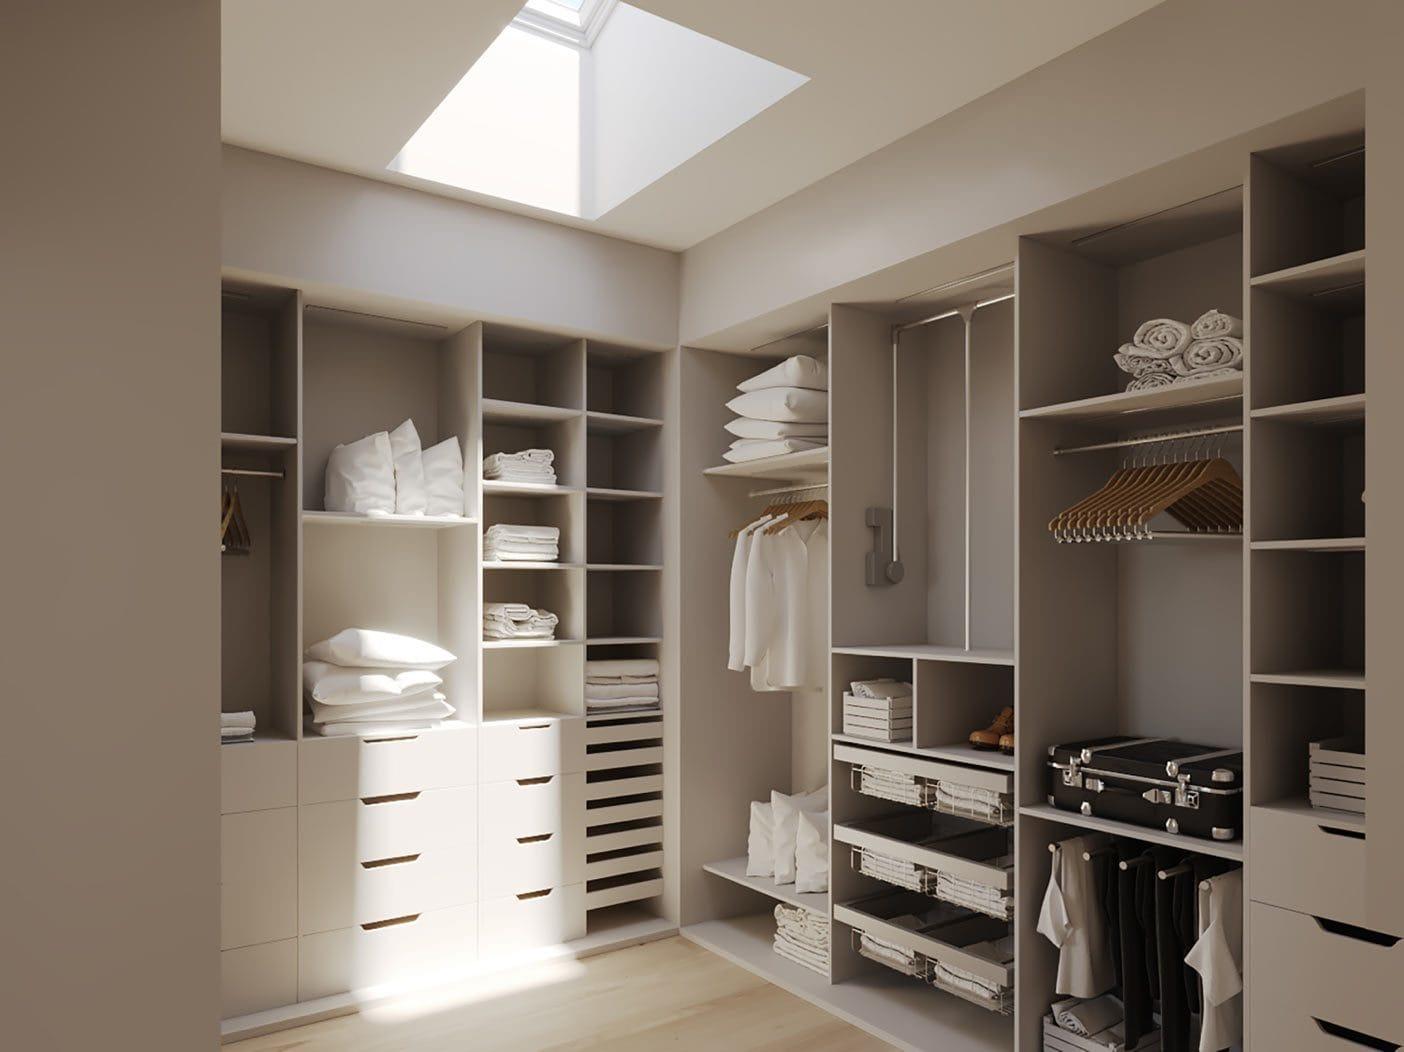 CL04 closet 1540 Simonson closet 004 300ppi 10